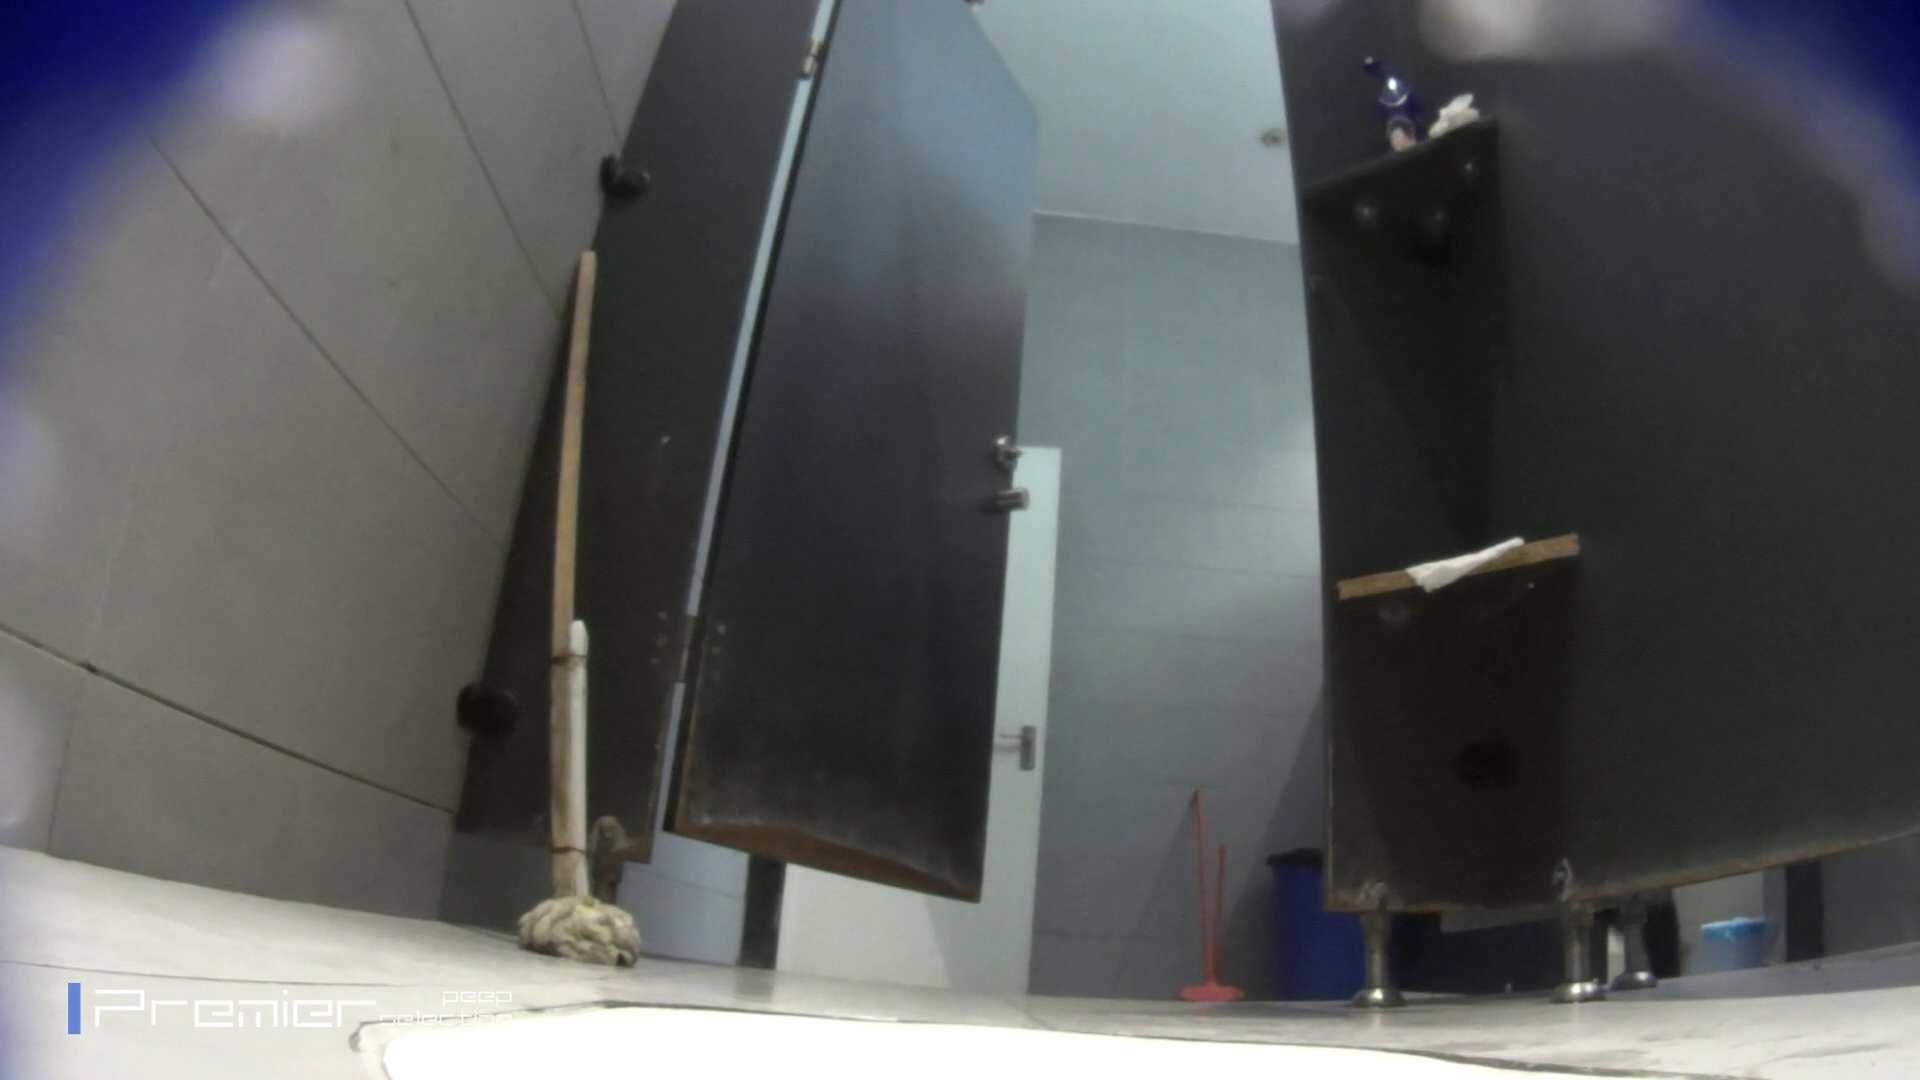 個室のドアを開けたまま放nyoする乙女 大学休憩時間の洗面所事情85 洗面所 | 細身  96画像 36